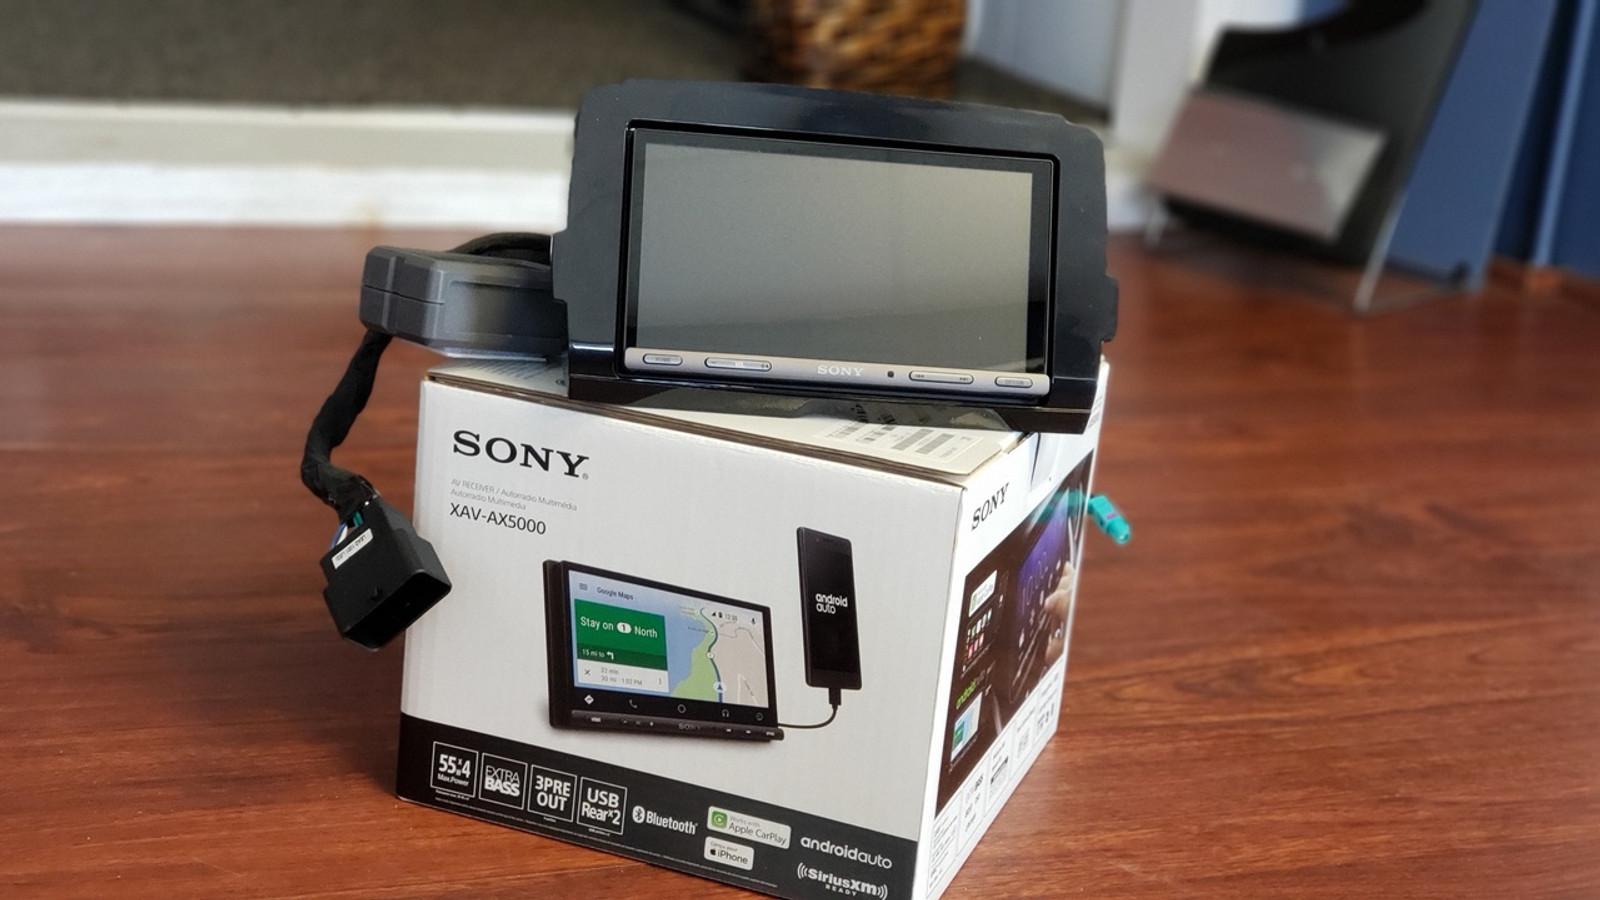 Sony XAV-AX5000 Carplay/Android Auto - Prewired 14+ Touring